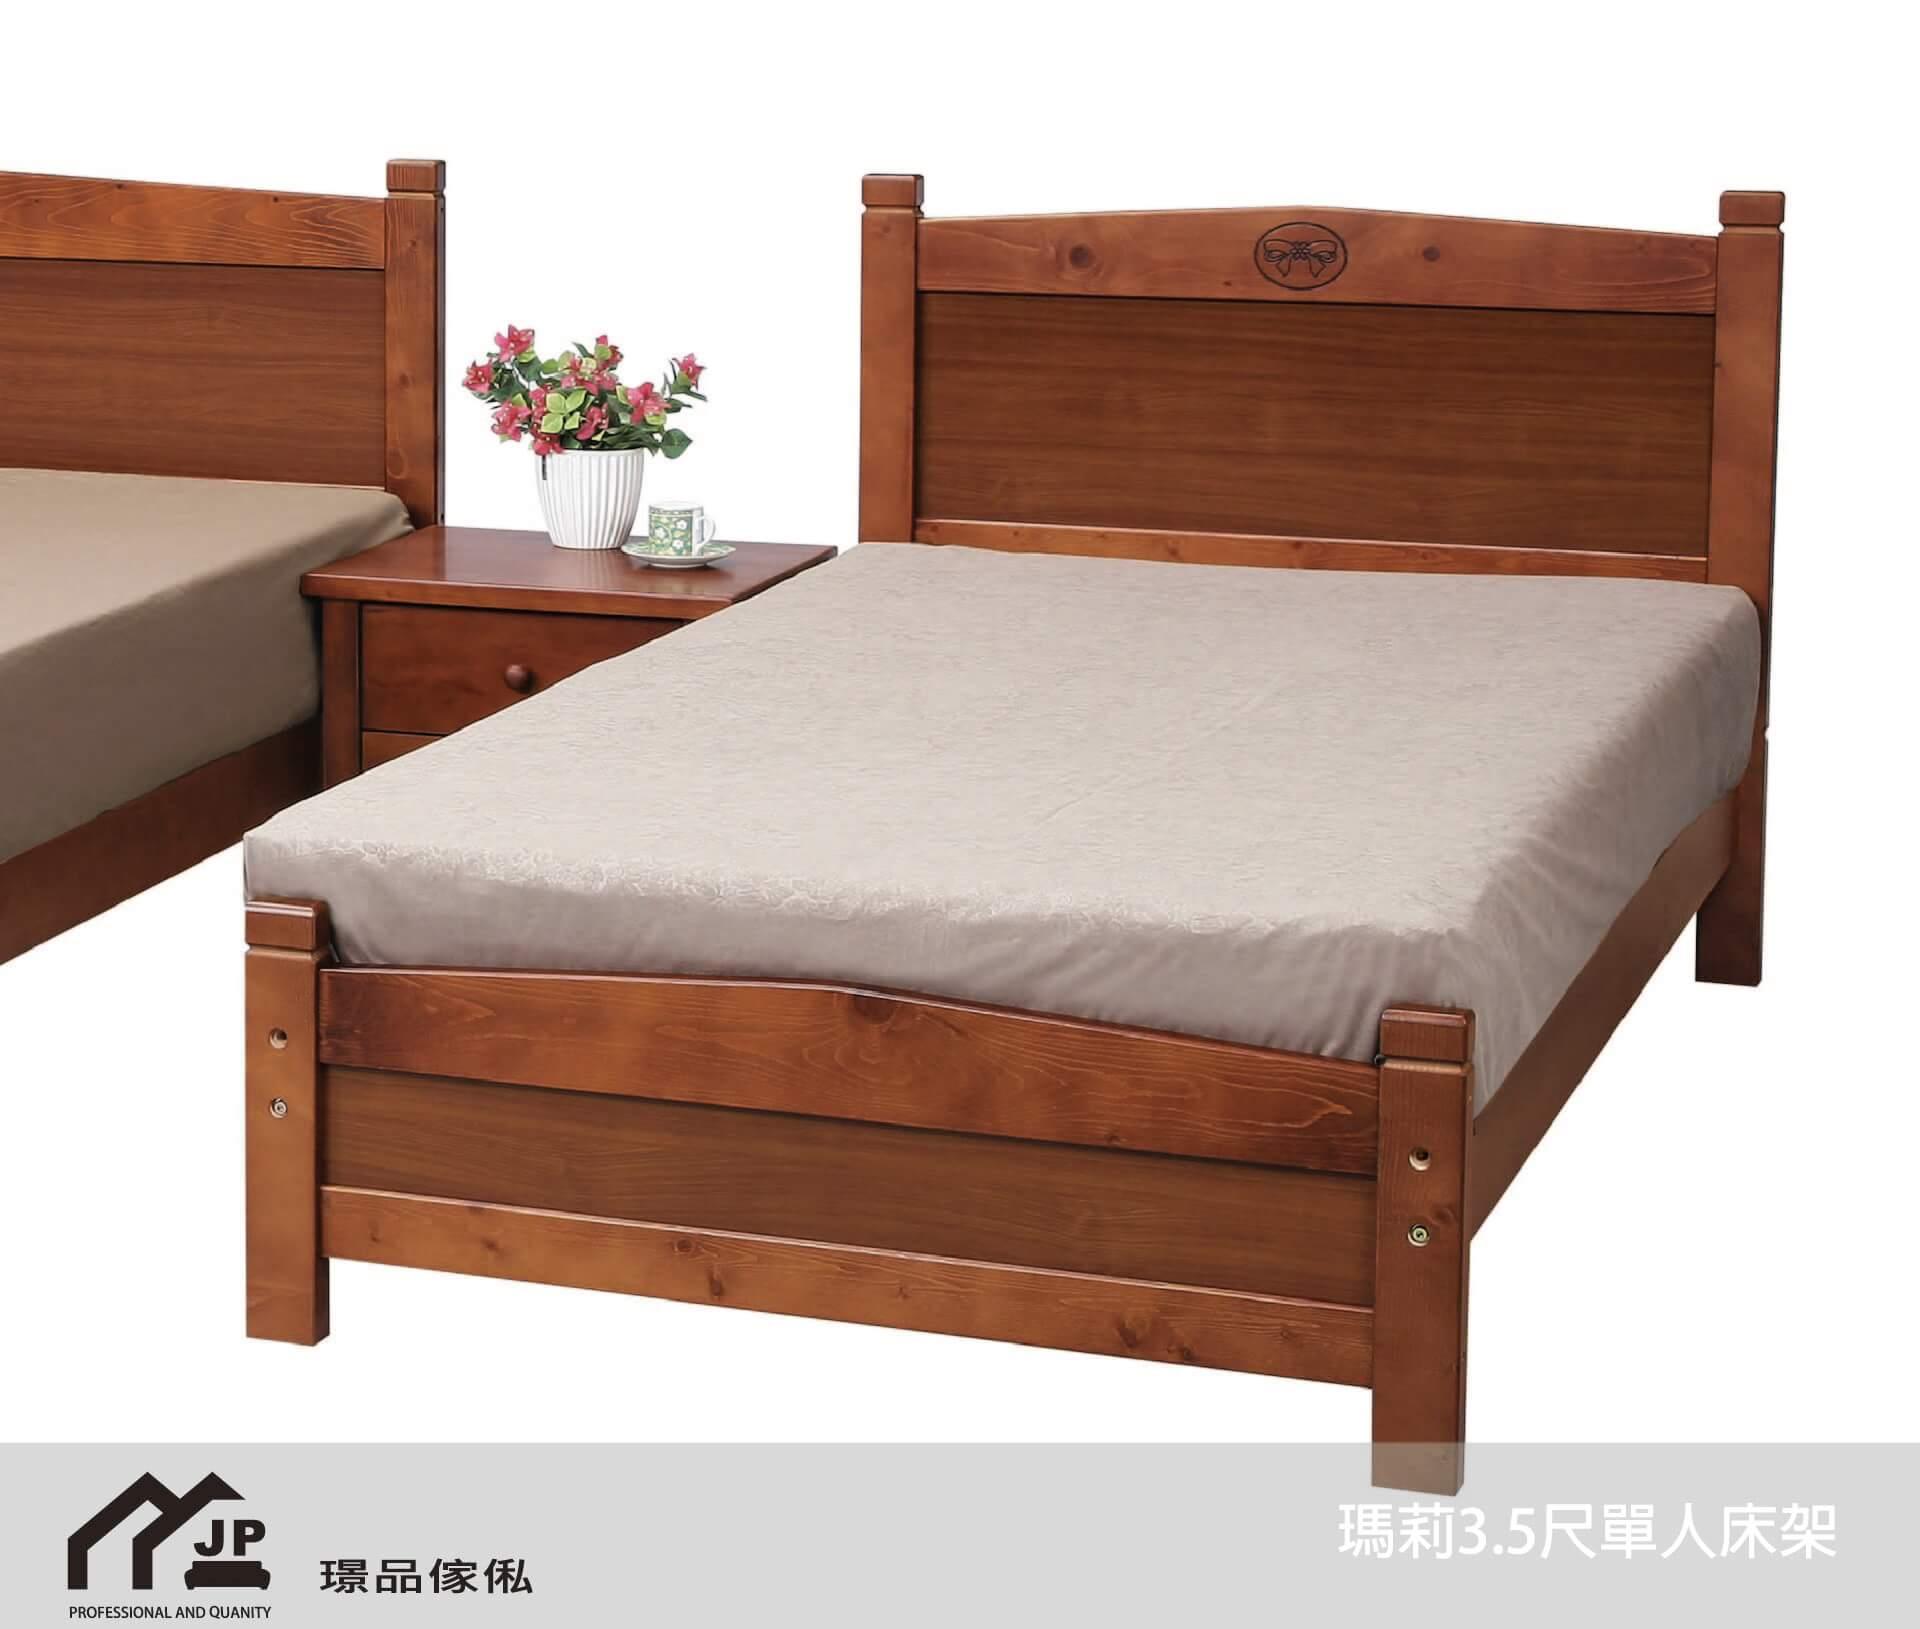 瑪莉3.5尺單人床架 - 璟品傢俬|沙發工廠直營門市